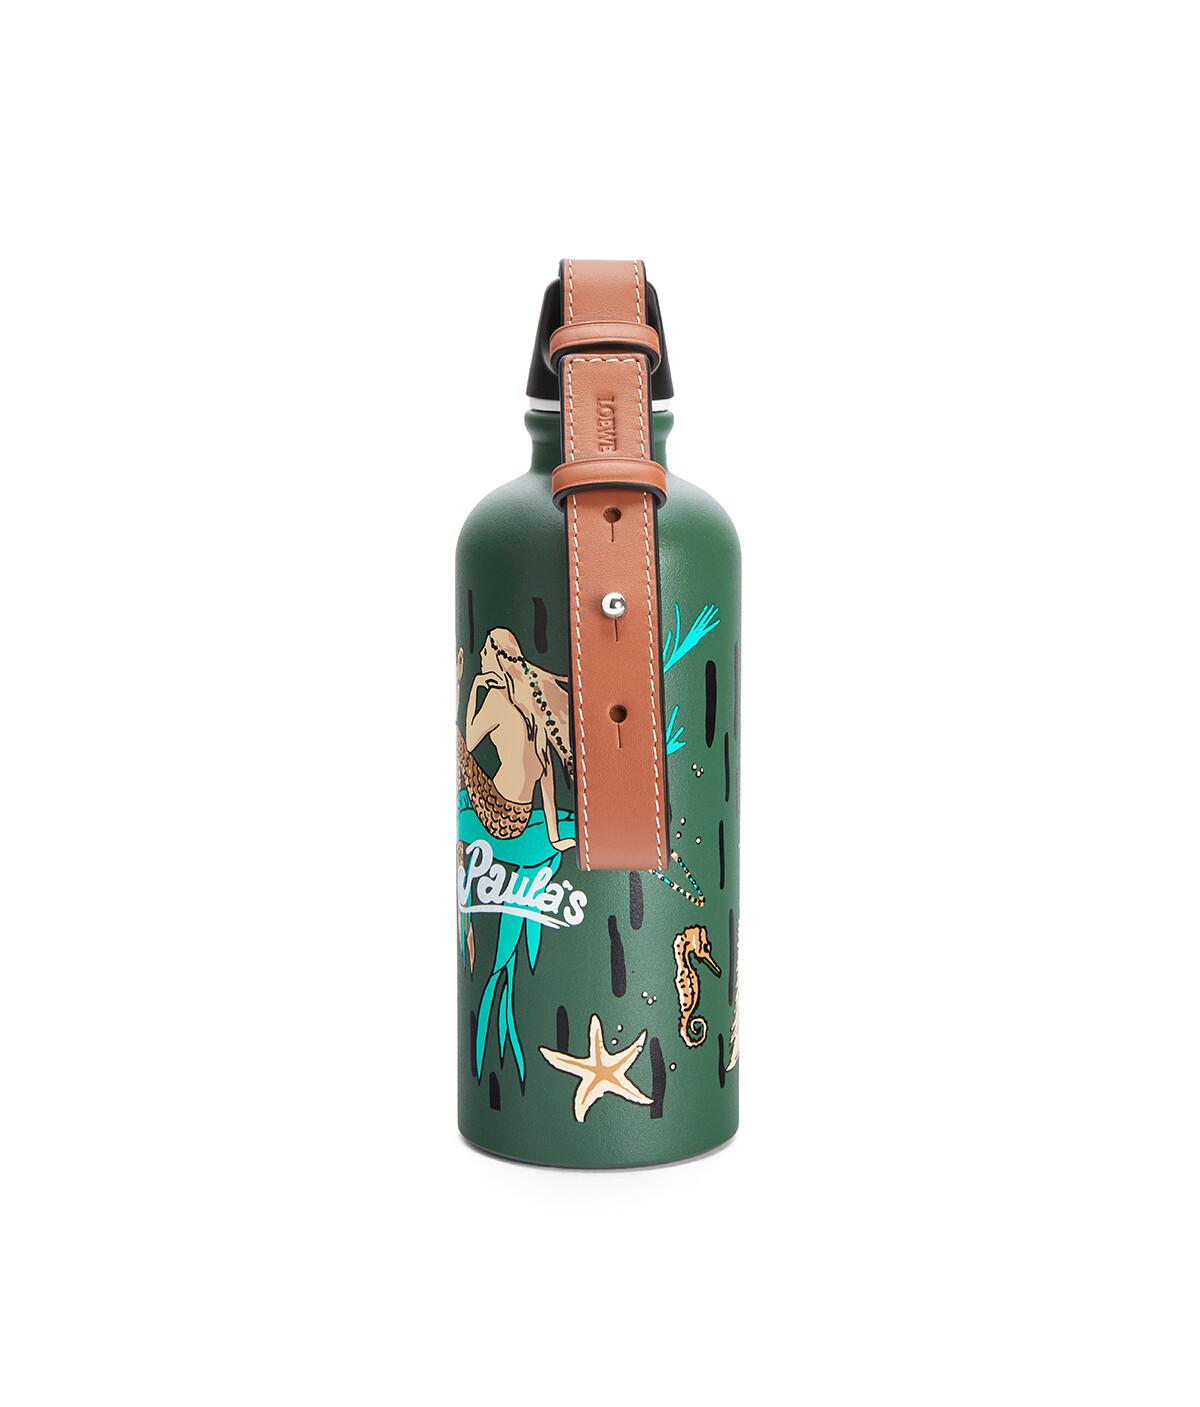 LOEWE ボトル (マーメイド アルミニウム&カーフスキン) グリーン front